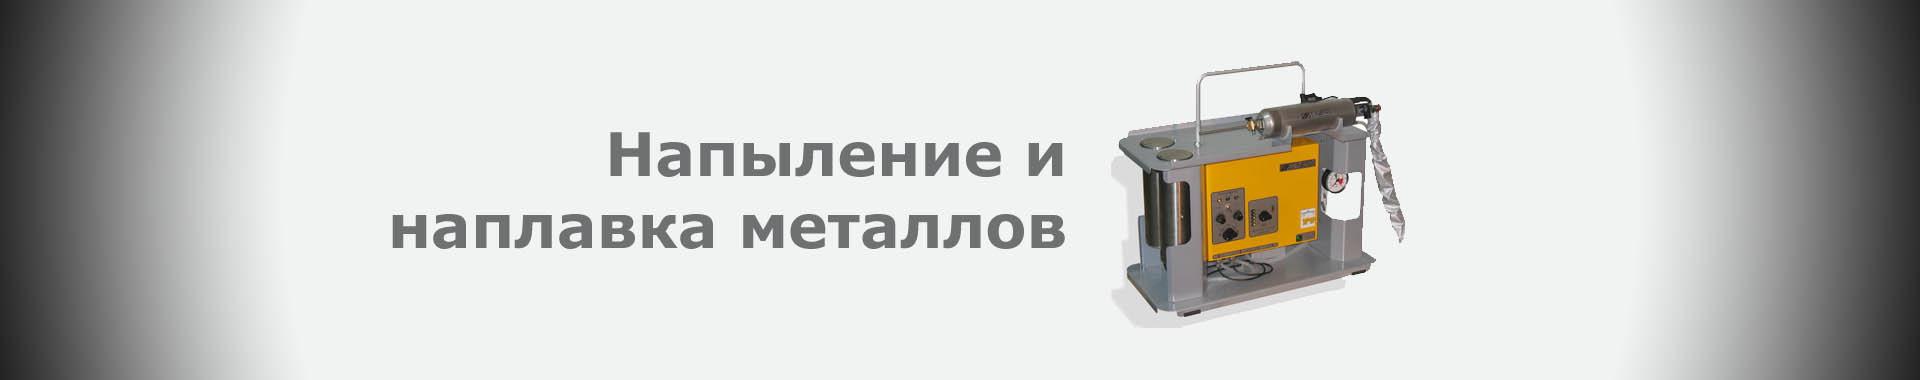 Напыление металлов